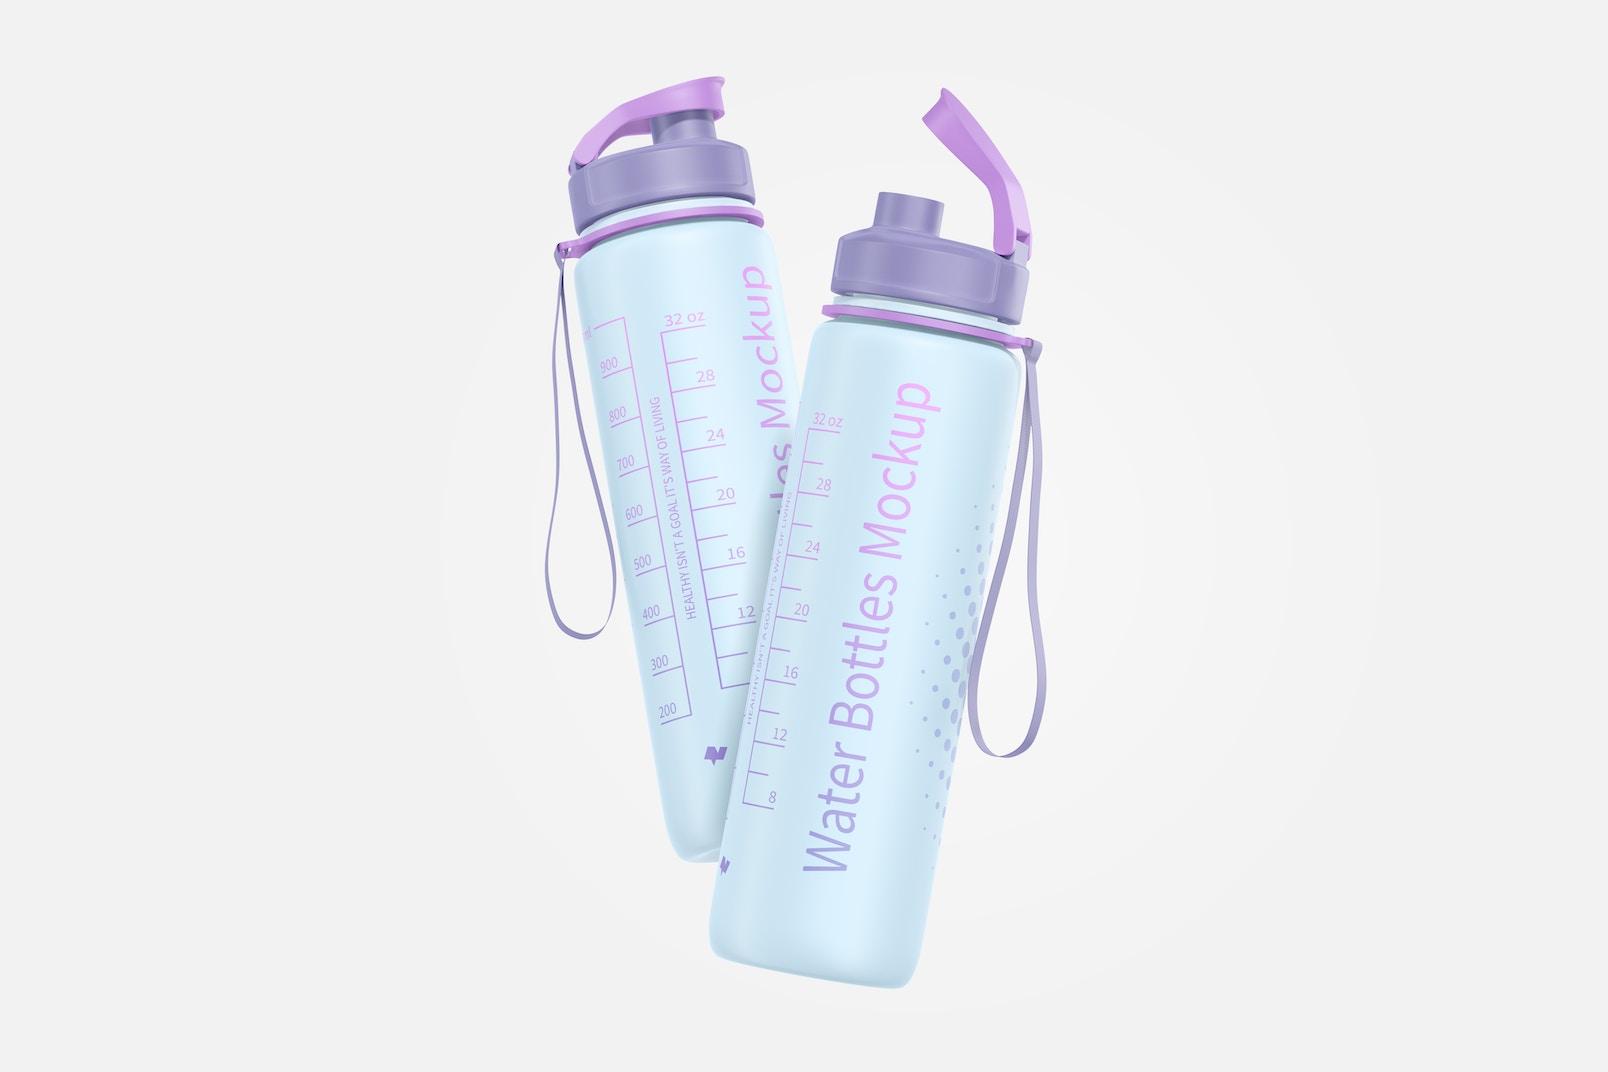 32 oz Water Bottles Mockup, Floating